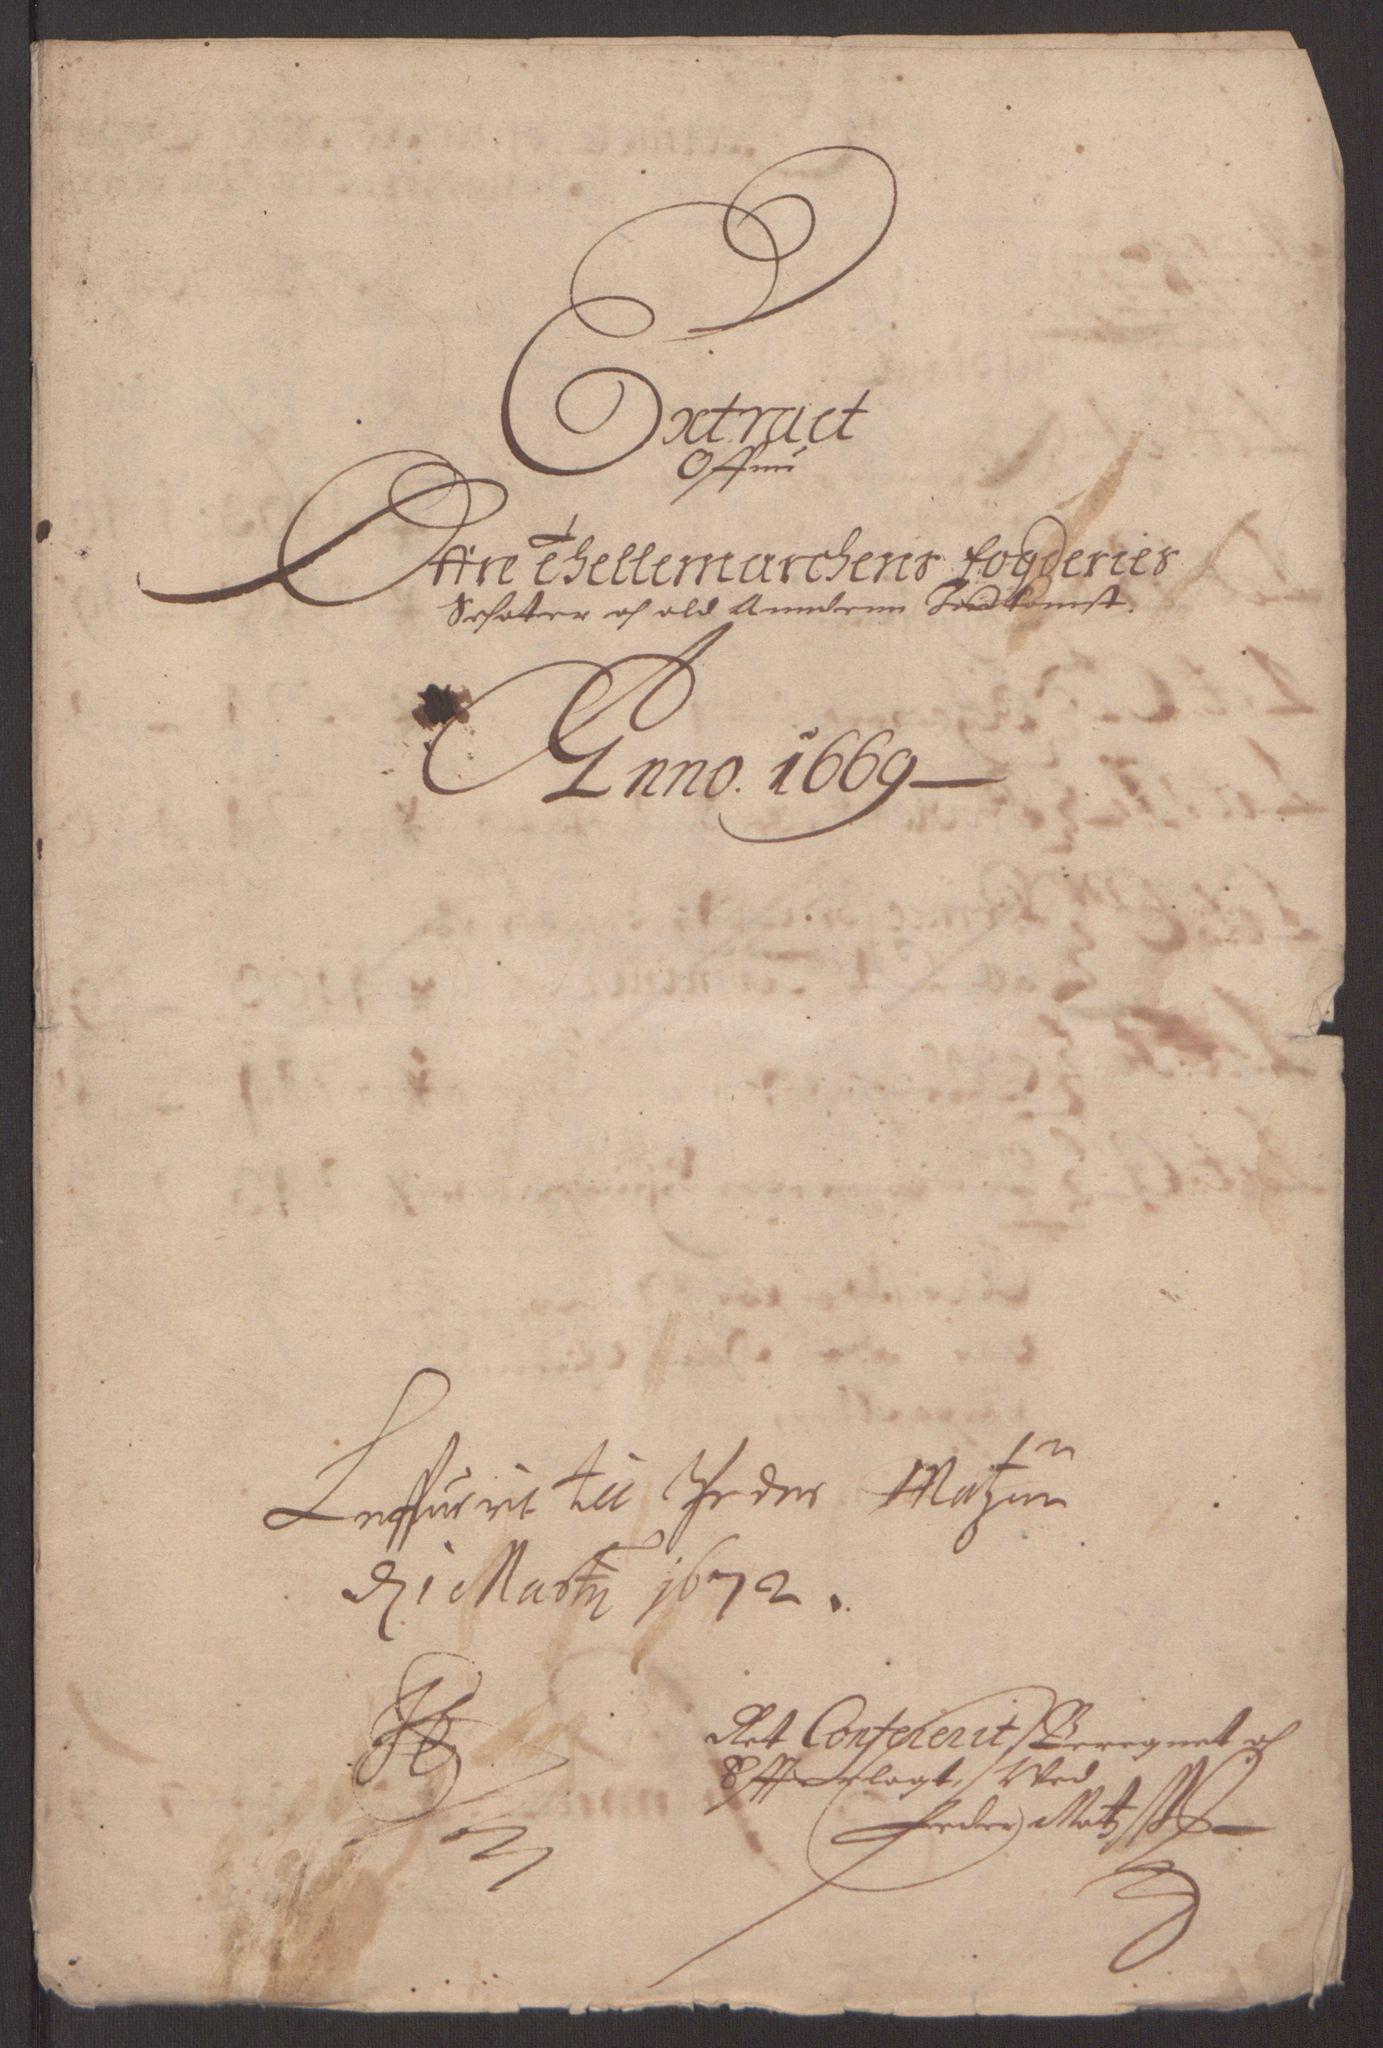 RA, Rentekammeret inntil 1814, Reviderte regnskaper, Fogderegnskap, R35/L2059: Fogderegnskap Øvre og Nedre Telemark, 1668-1670, s. 12